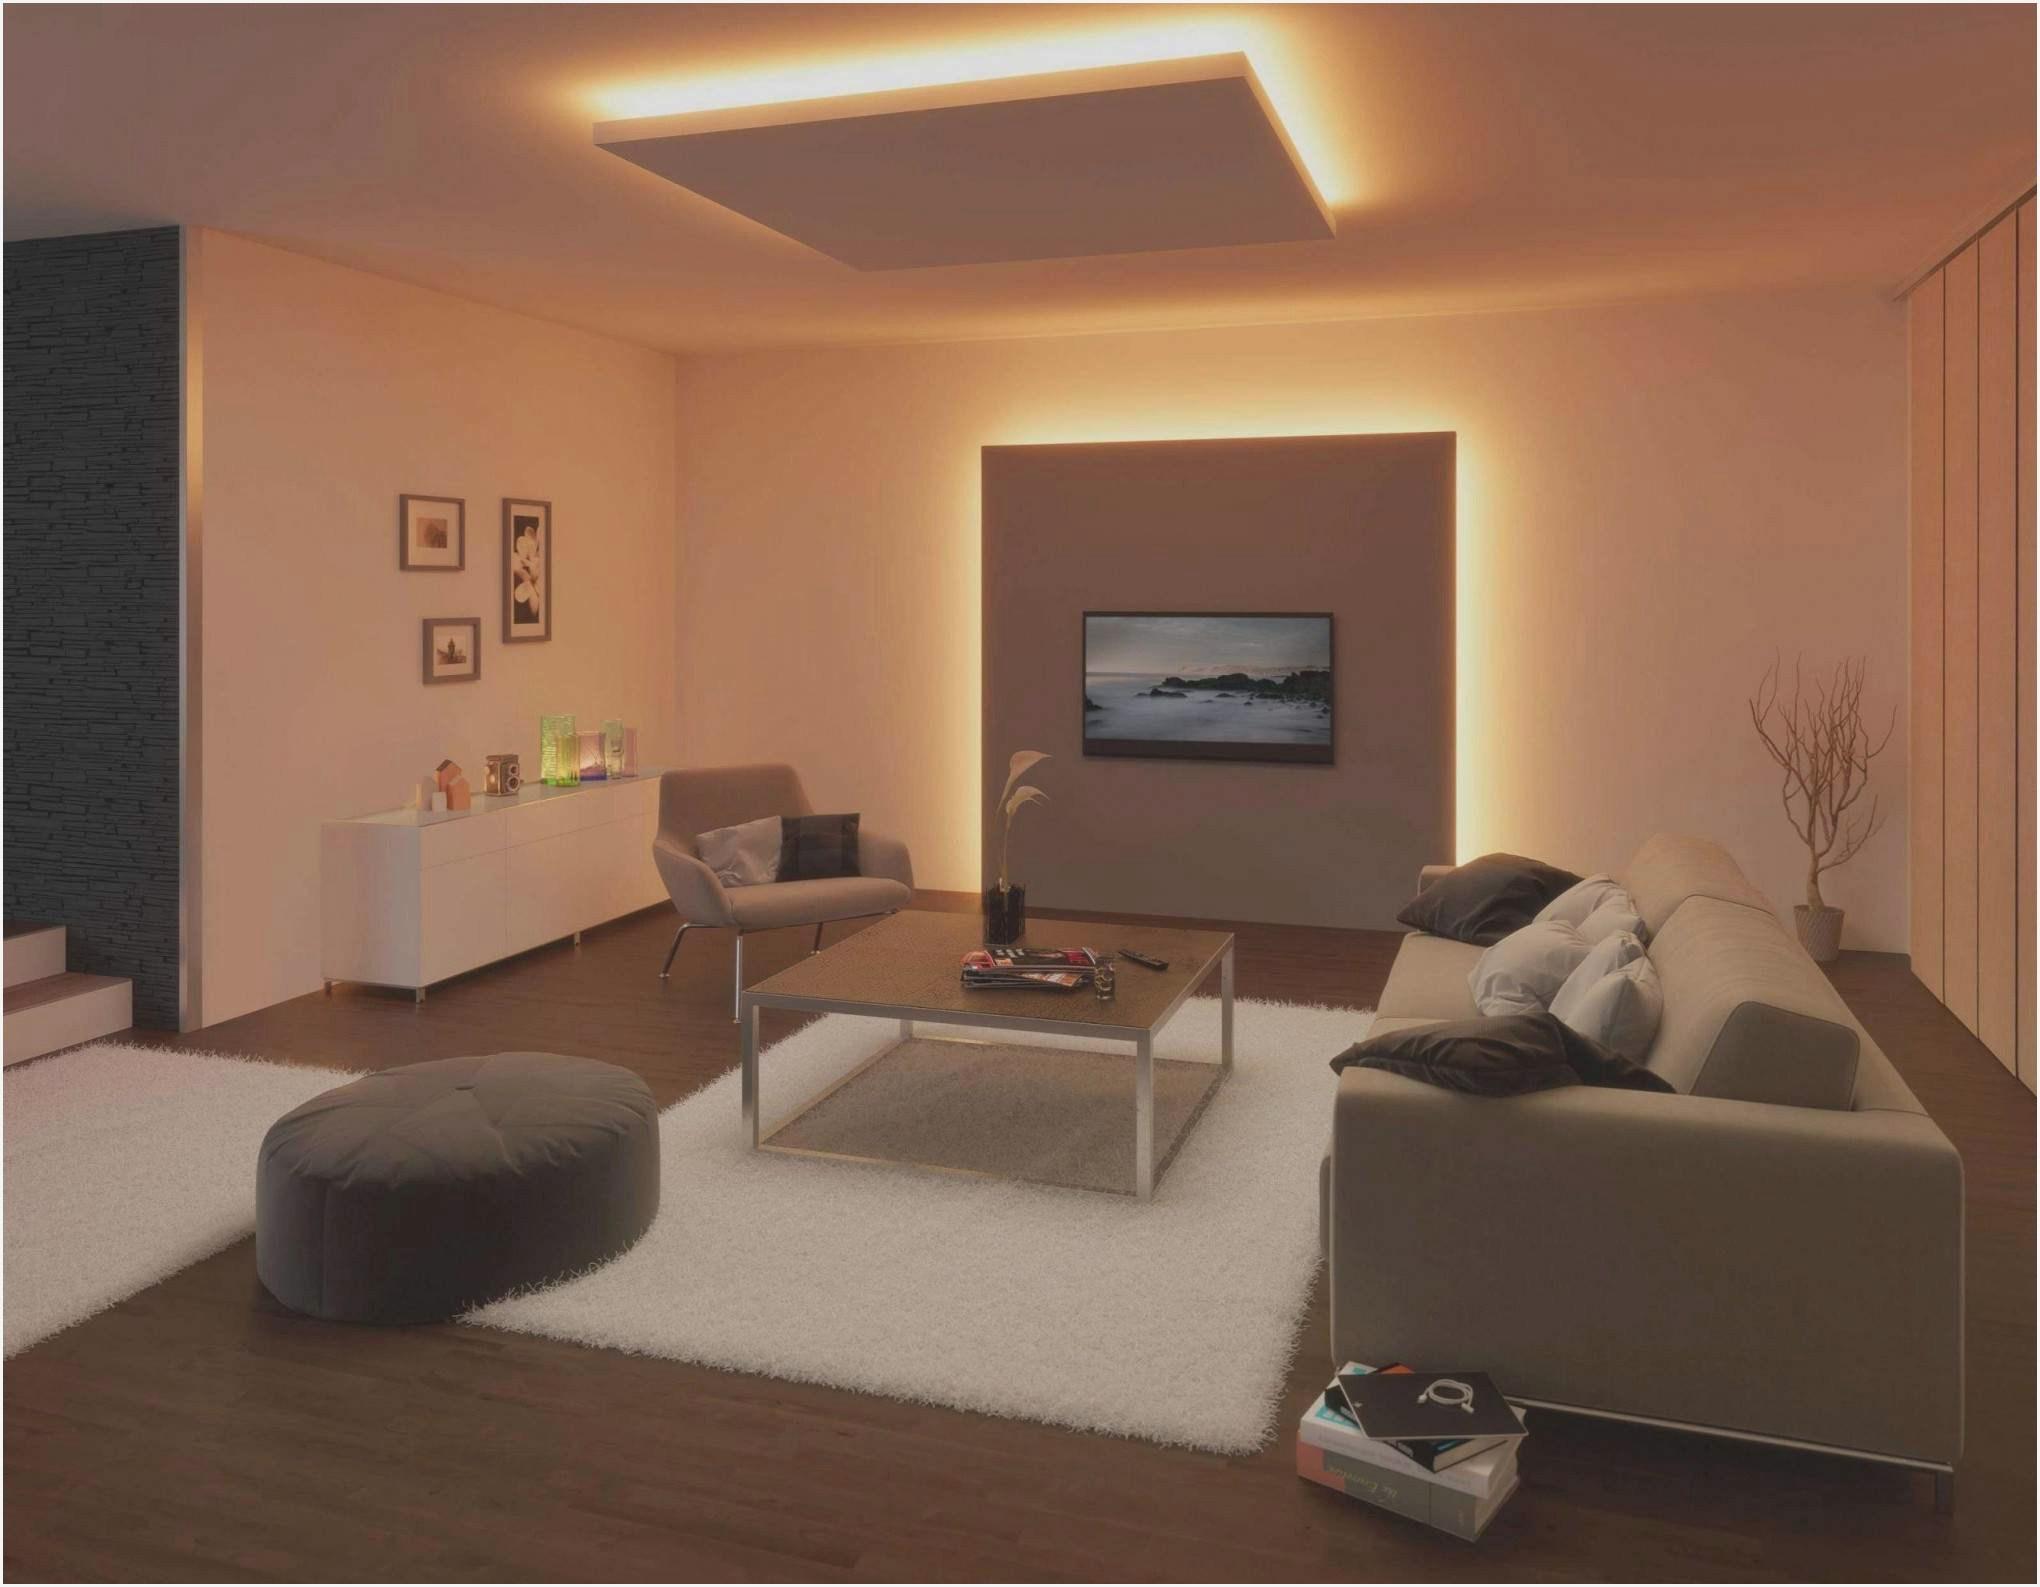 Wohnzimmer Ideen Braun Grau